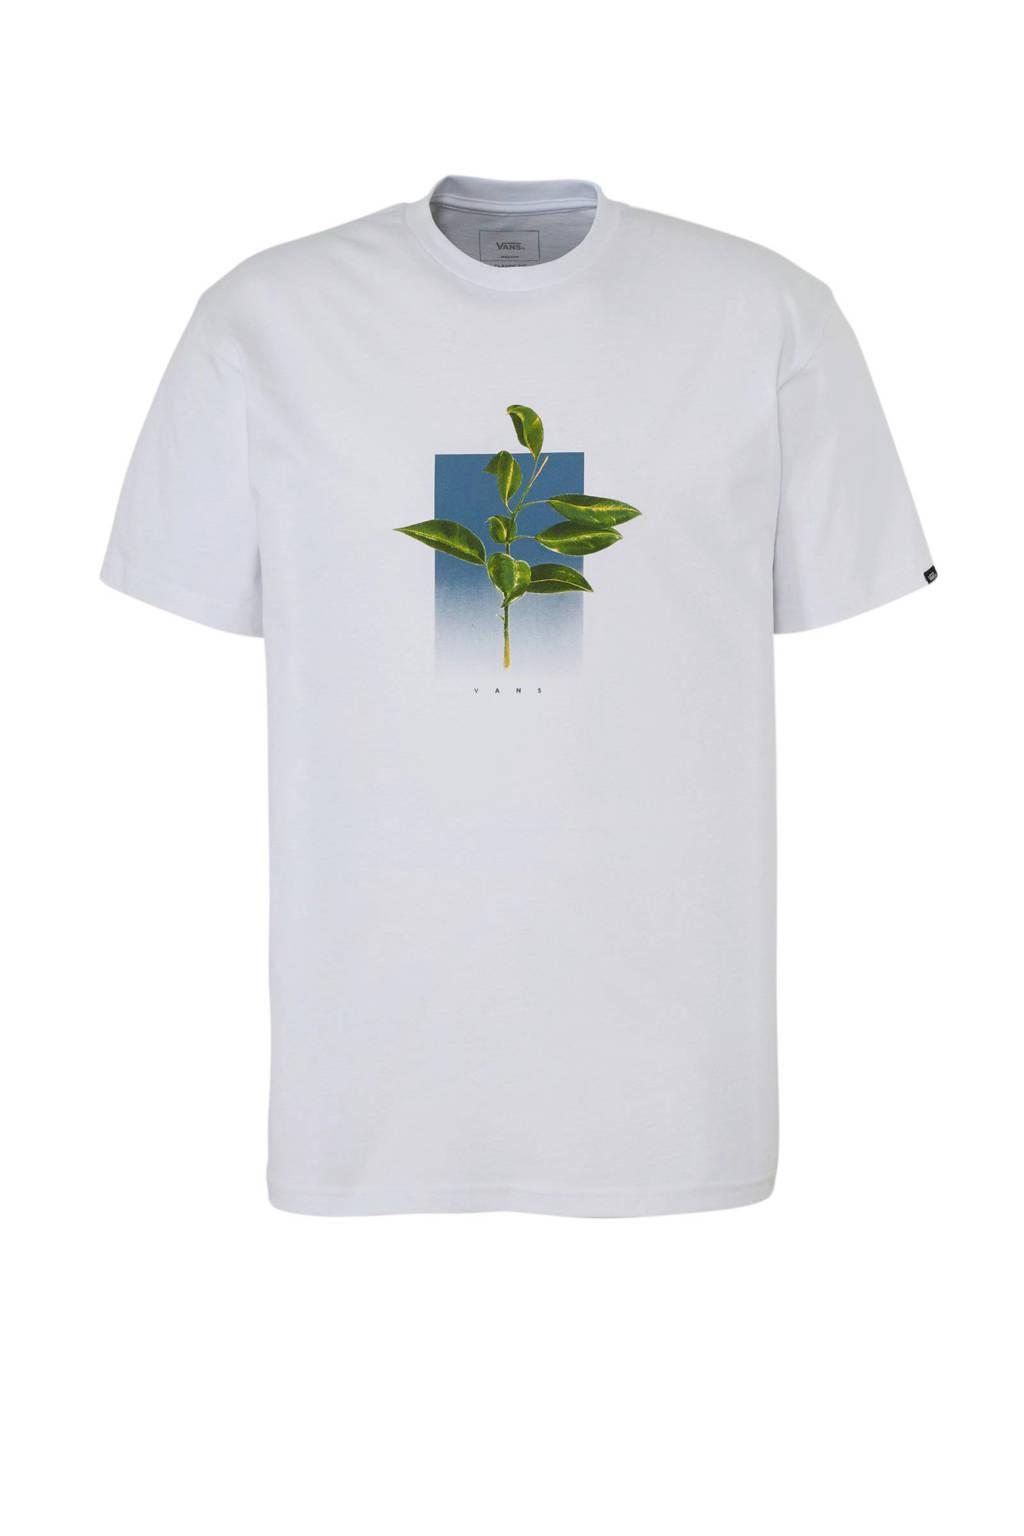 VANS   T-shirt met printopdruk wit, Wit